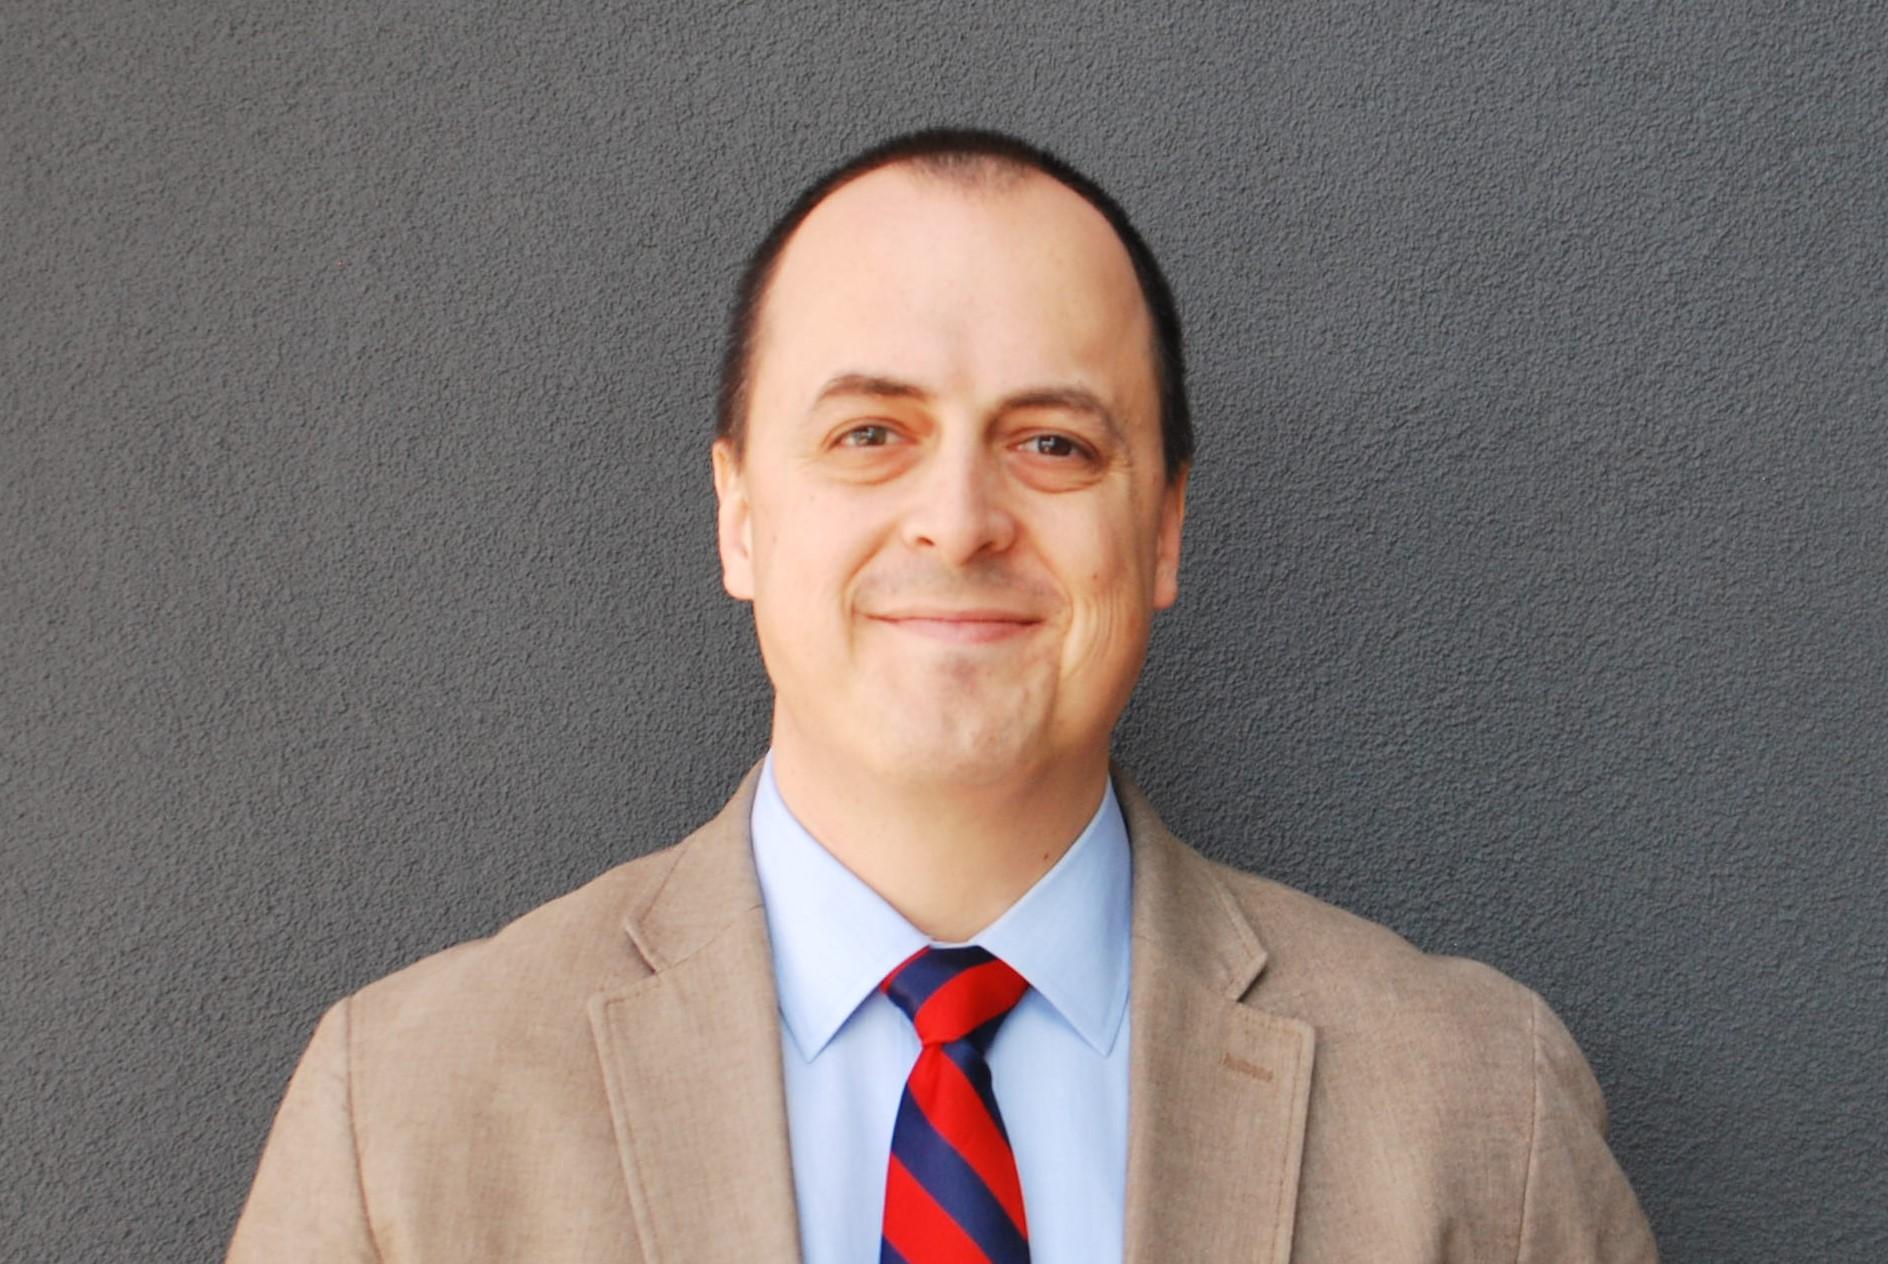 Dr. Ben C. Dunson